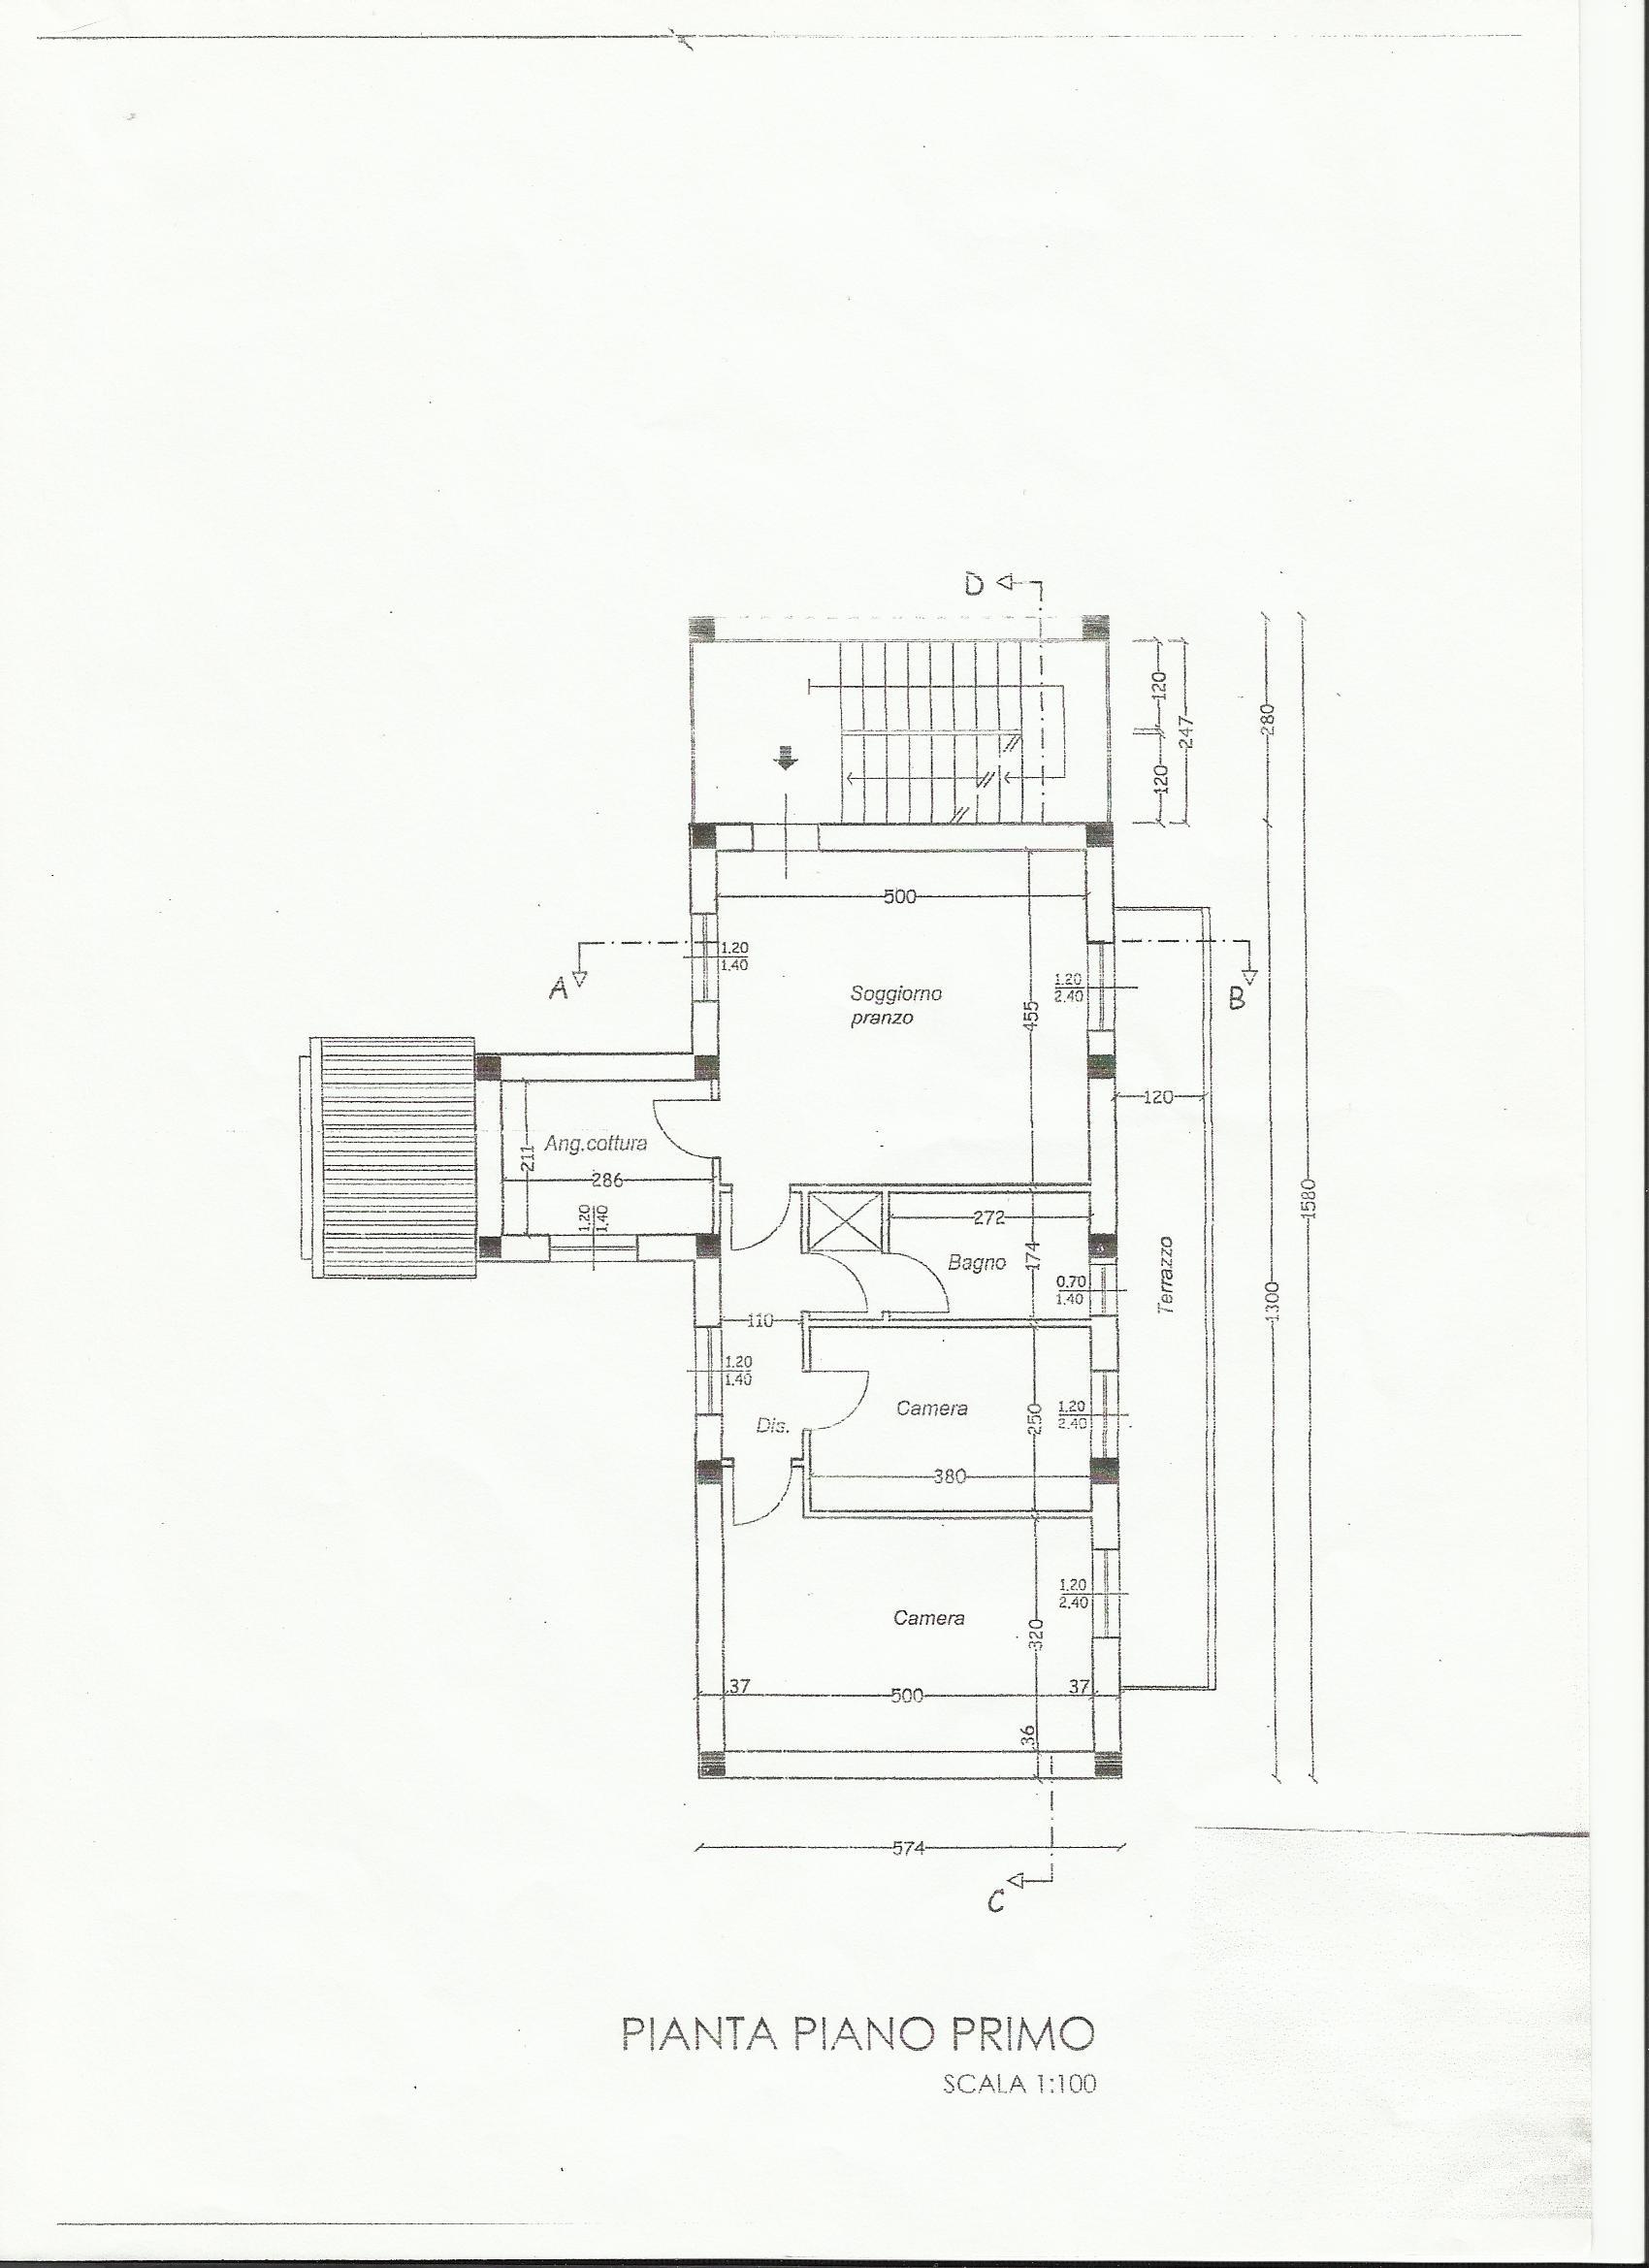 Appartamento in vendita, rif. 00874 (Planimetria 1/1)